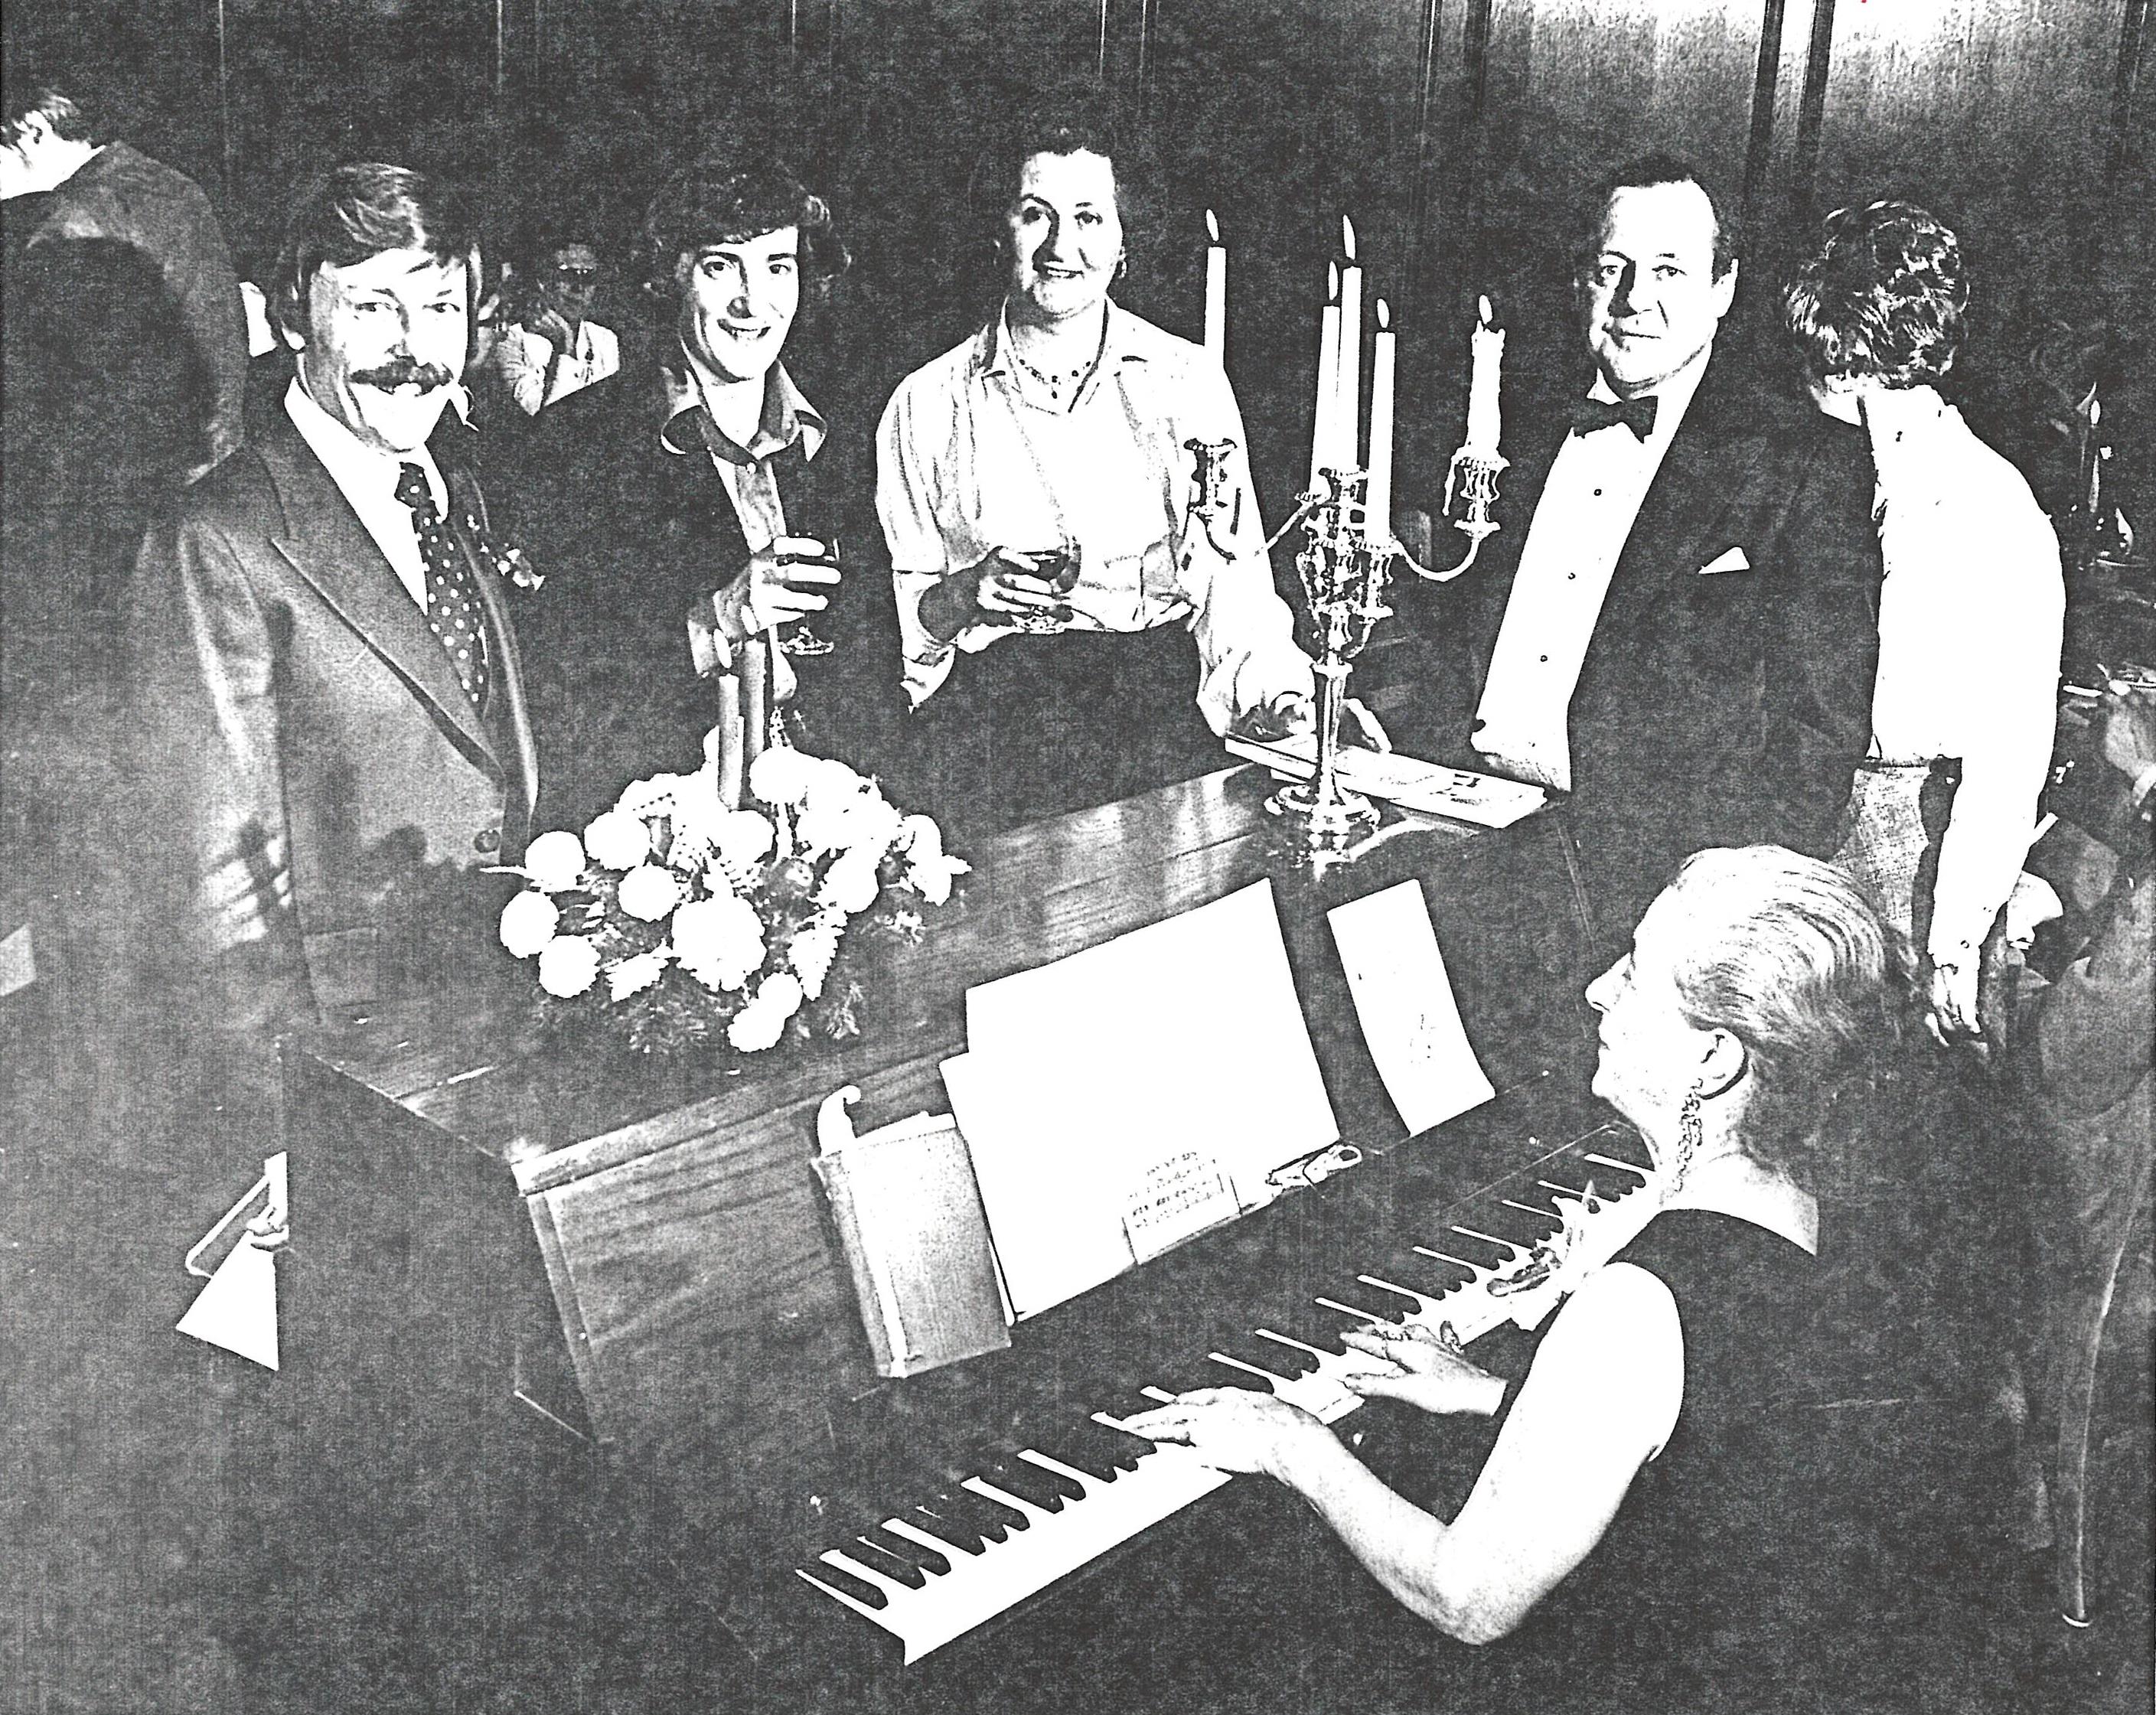 Quatre membres du conseil d'administration s'interposent près d'un piano durant une soirée